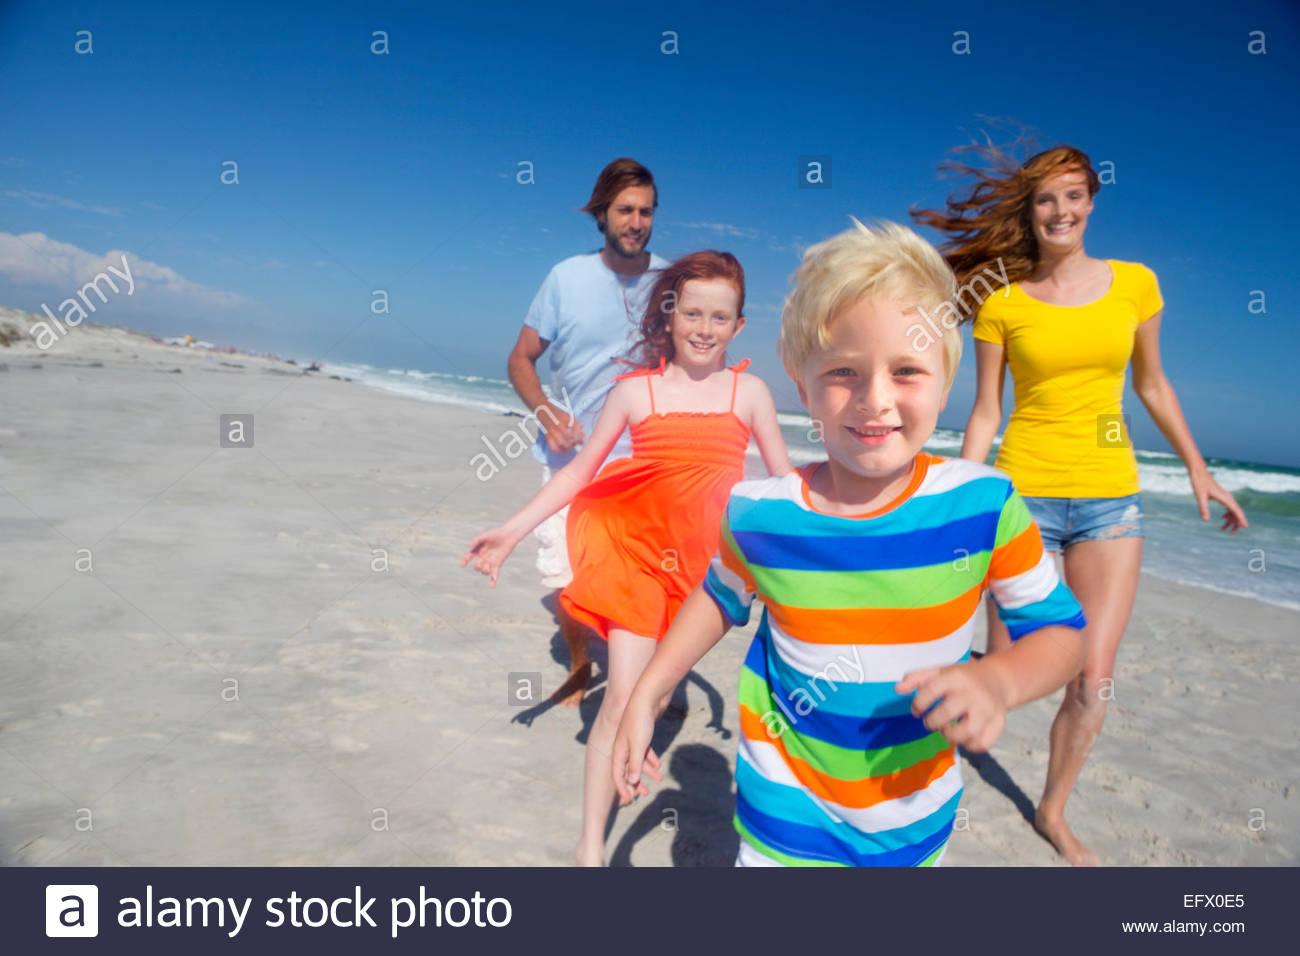 La famiglia felice in esecuzione verso la telecamera, di sunny beach Immagini Stock